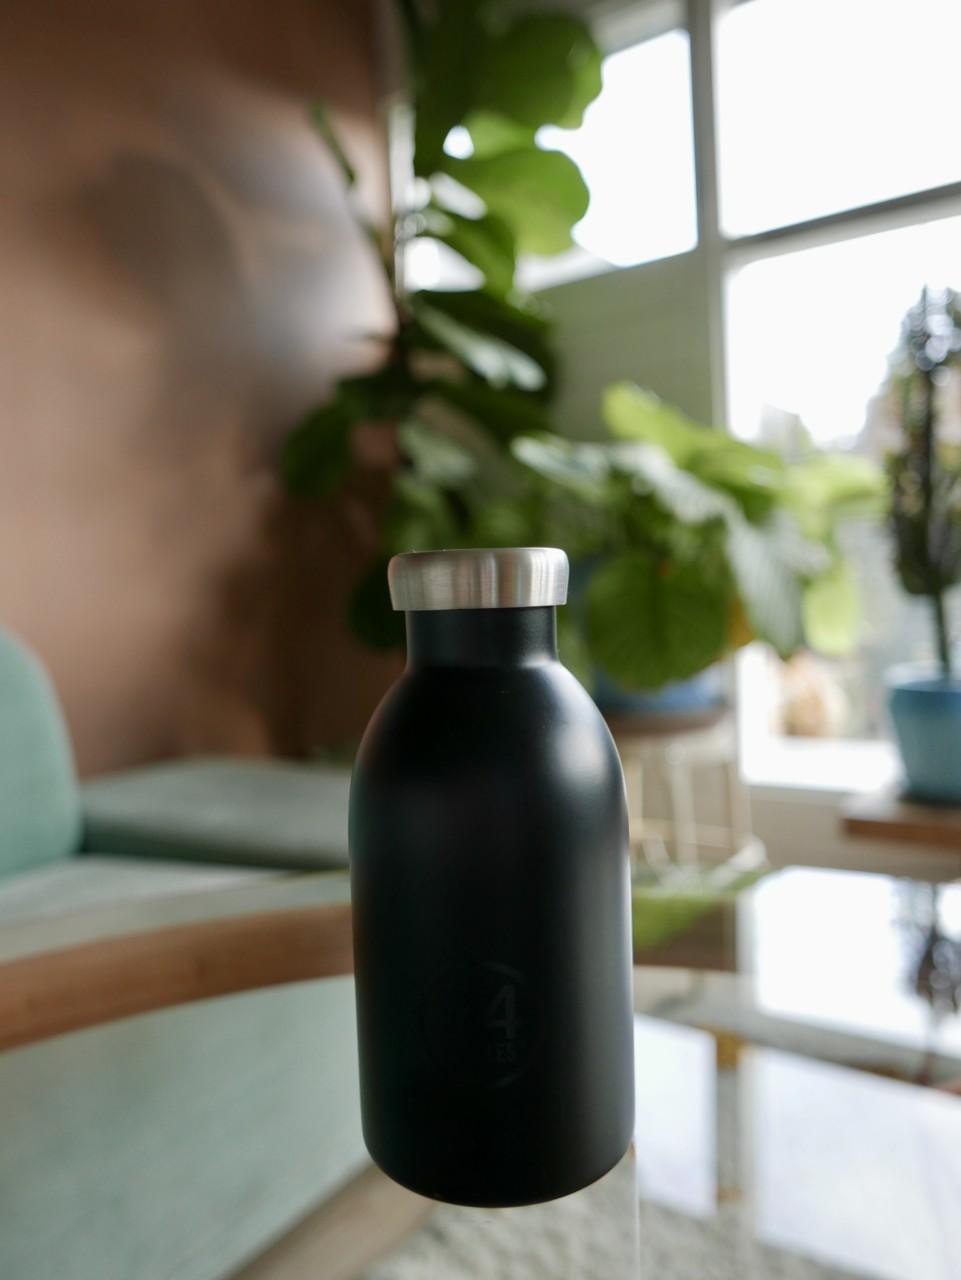 24h-bottle-termoflaske-hot-cold-varm-kald-drikke